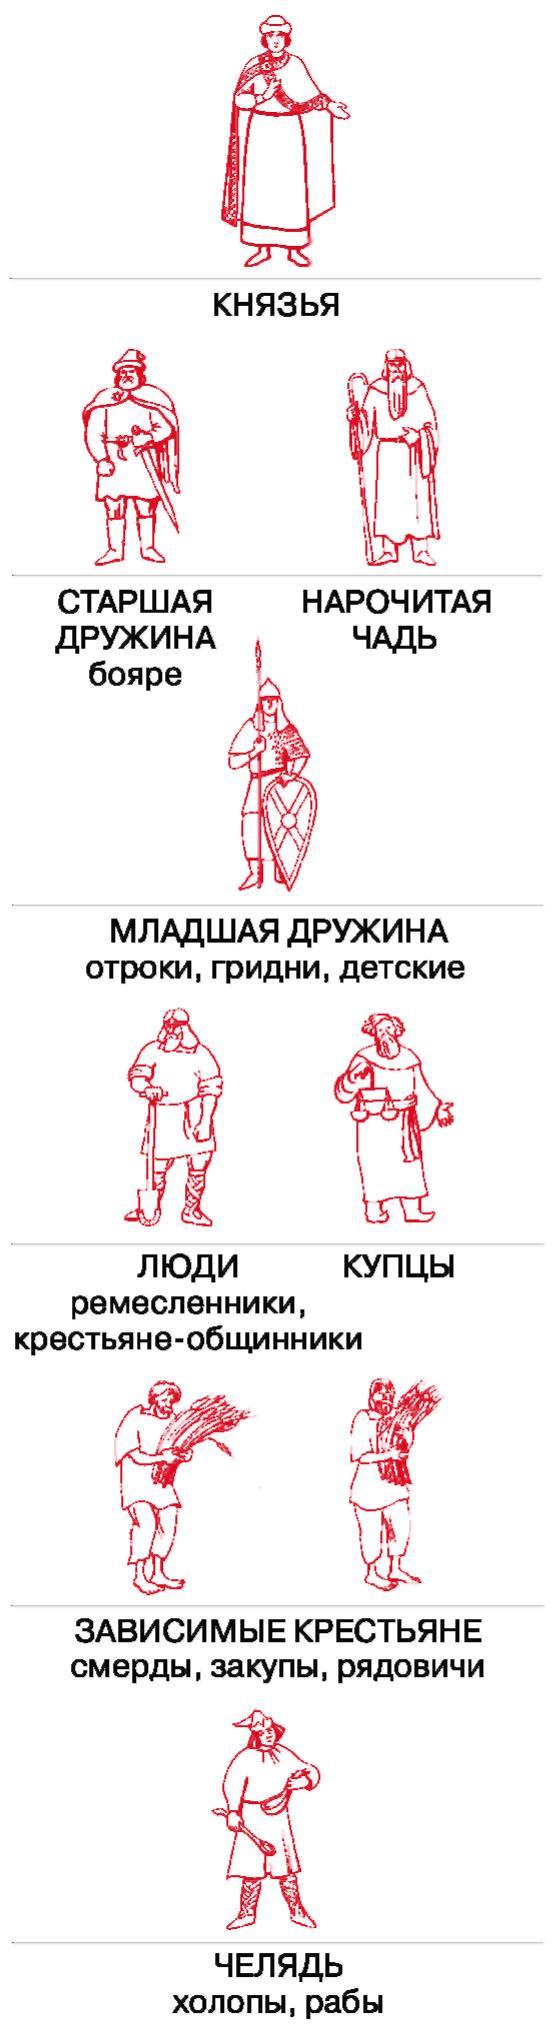 Смерд википедия